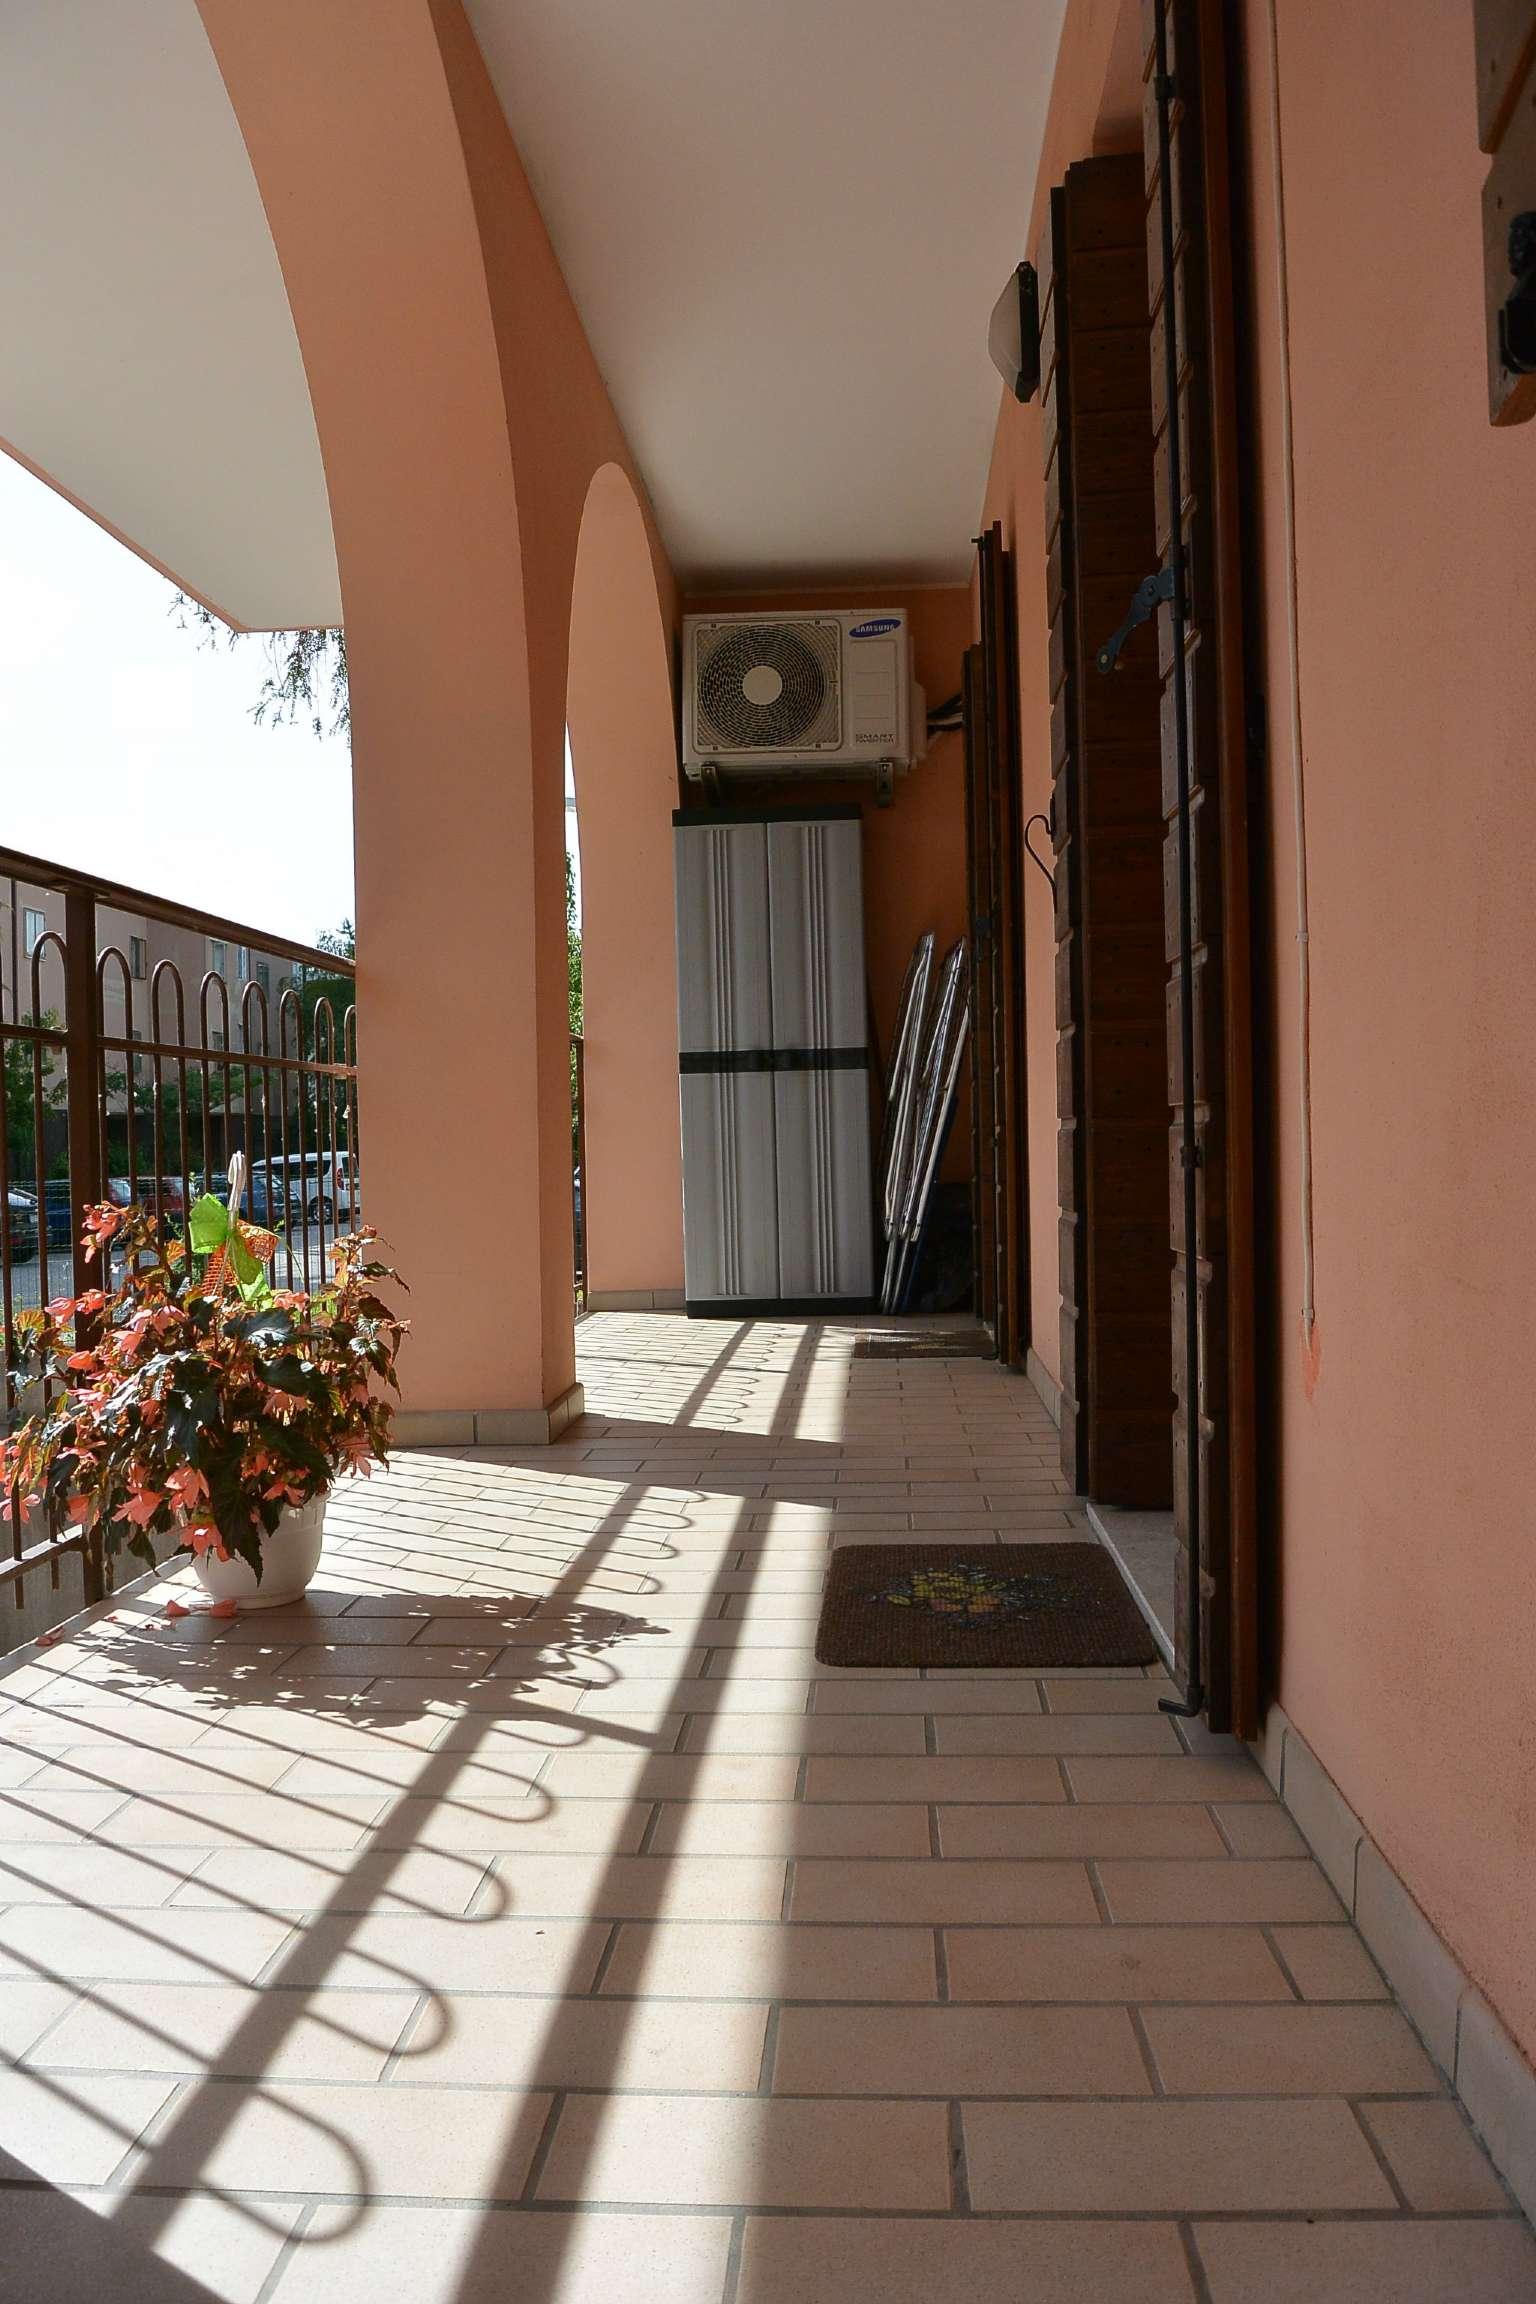 Appartamento in vendita a Cividale del Friuli, 4 locali, prezzo € 125.000 | CambioCasa.it